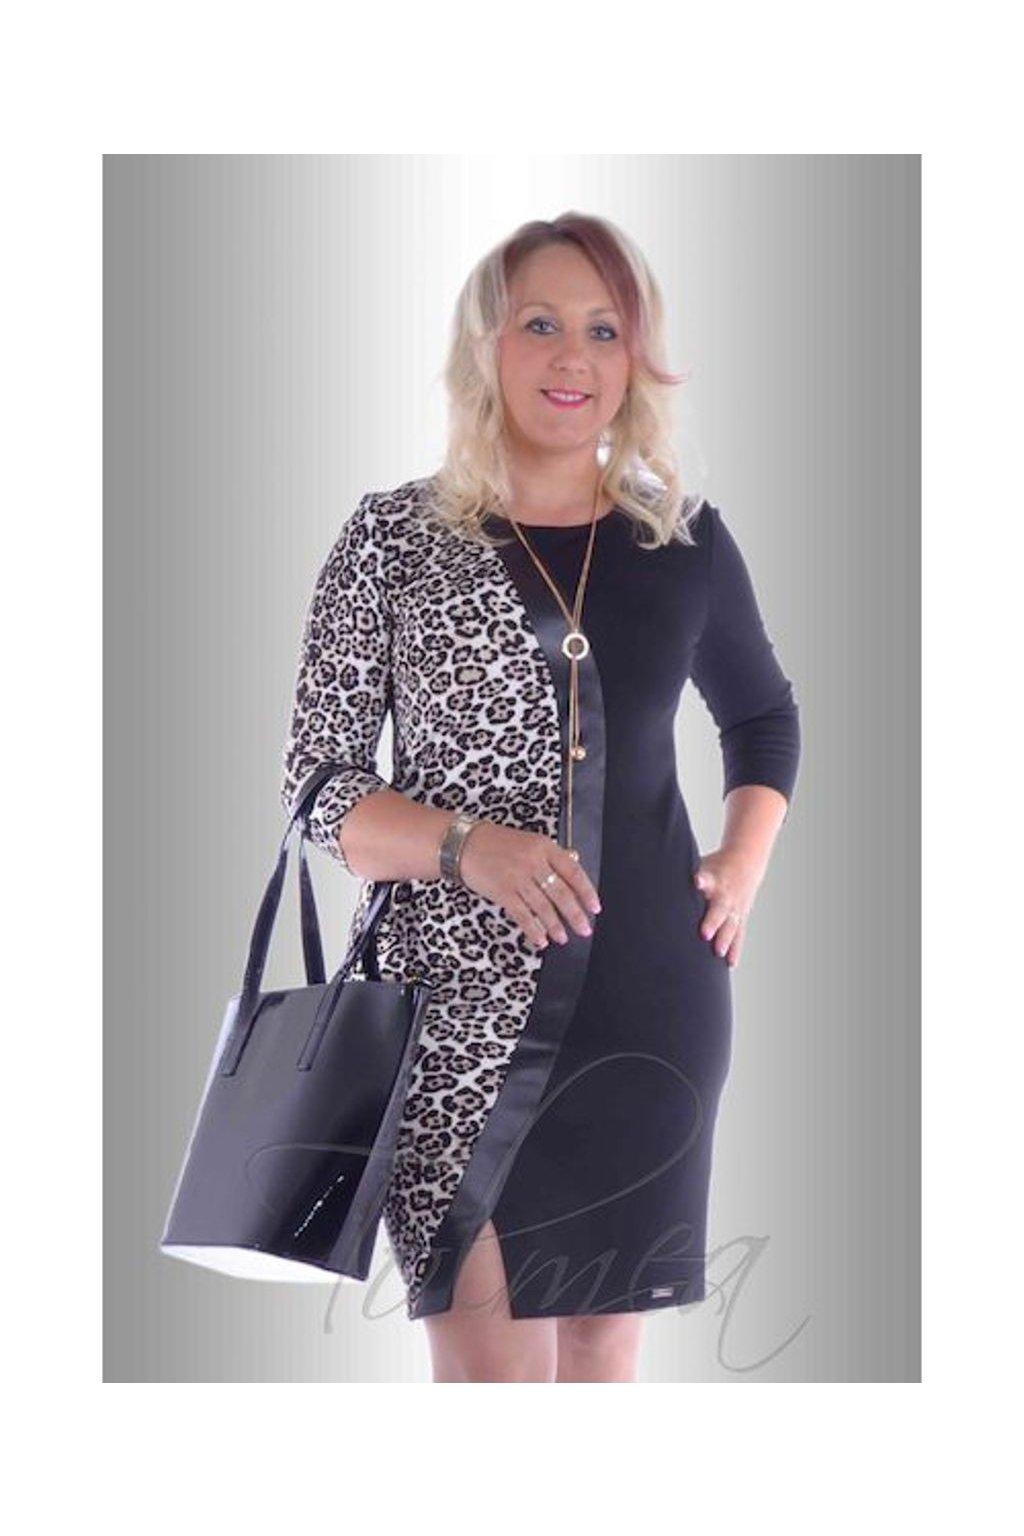 Šaty vlna s koženkou 5717 (Velikost 36, Barva Vzorovaná)